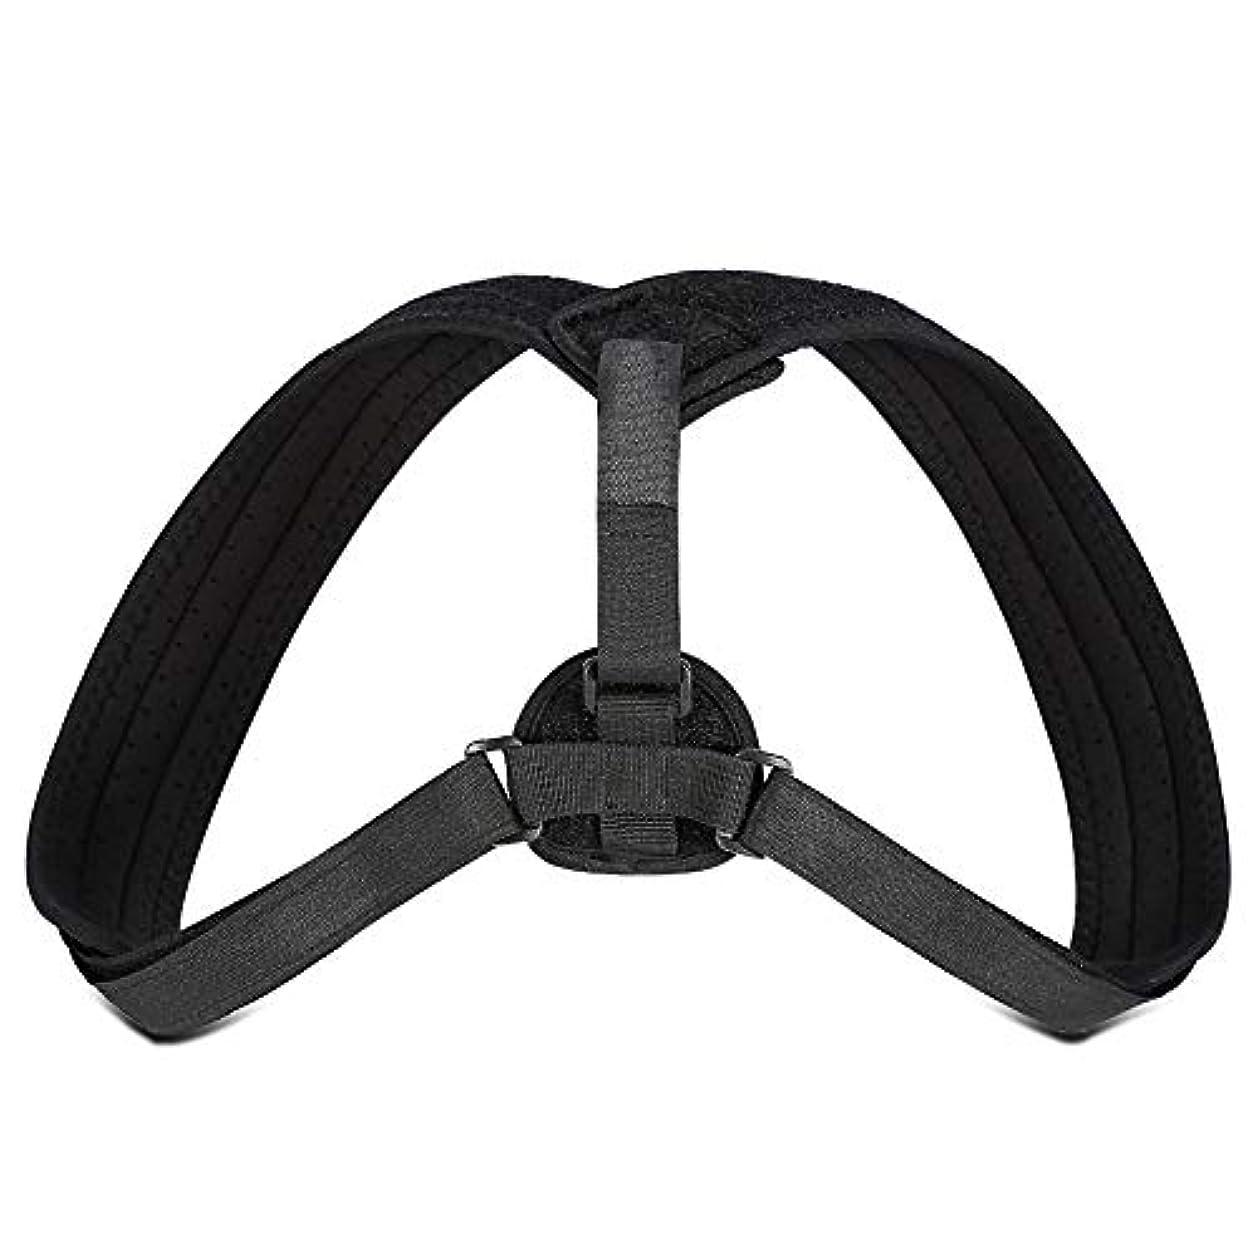 グローあえぎロールYosoo Posture Corrector - ブレースアッパーバックネックショルダーサポートアジャスタブルストラップ、肩の体位補正、整形外科用こぶの緩和のための包帯矯正、ティーン用